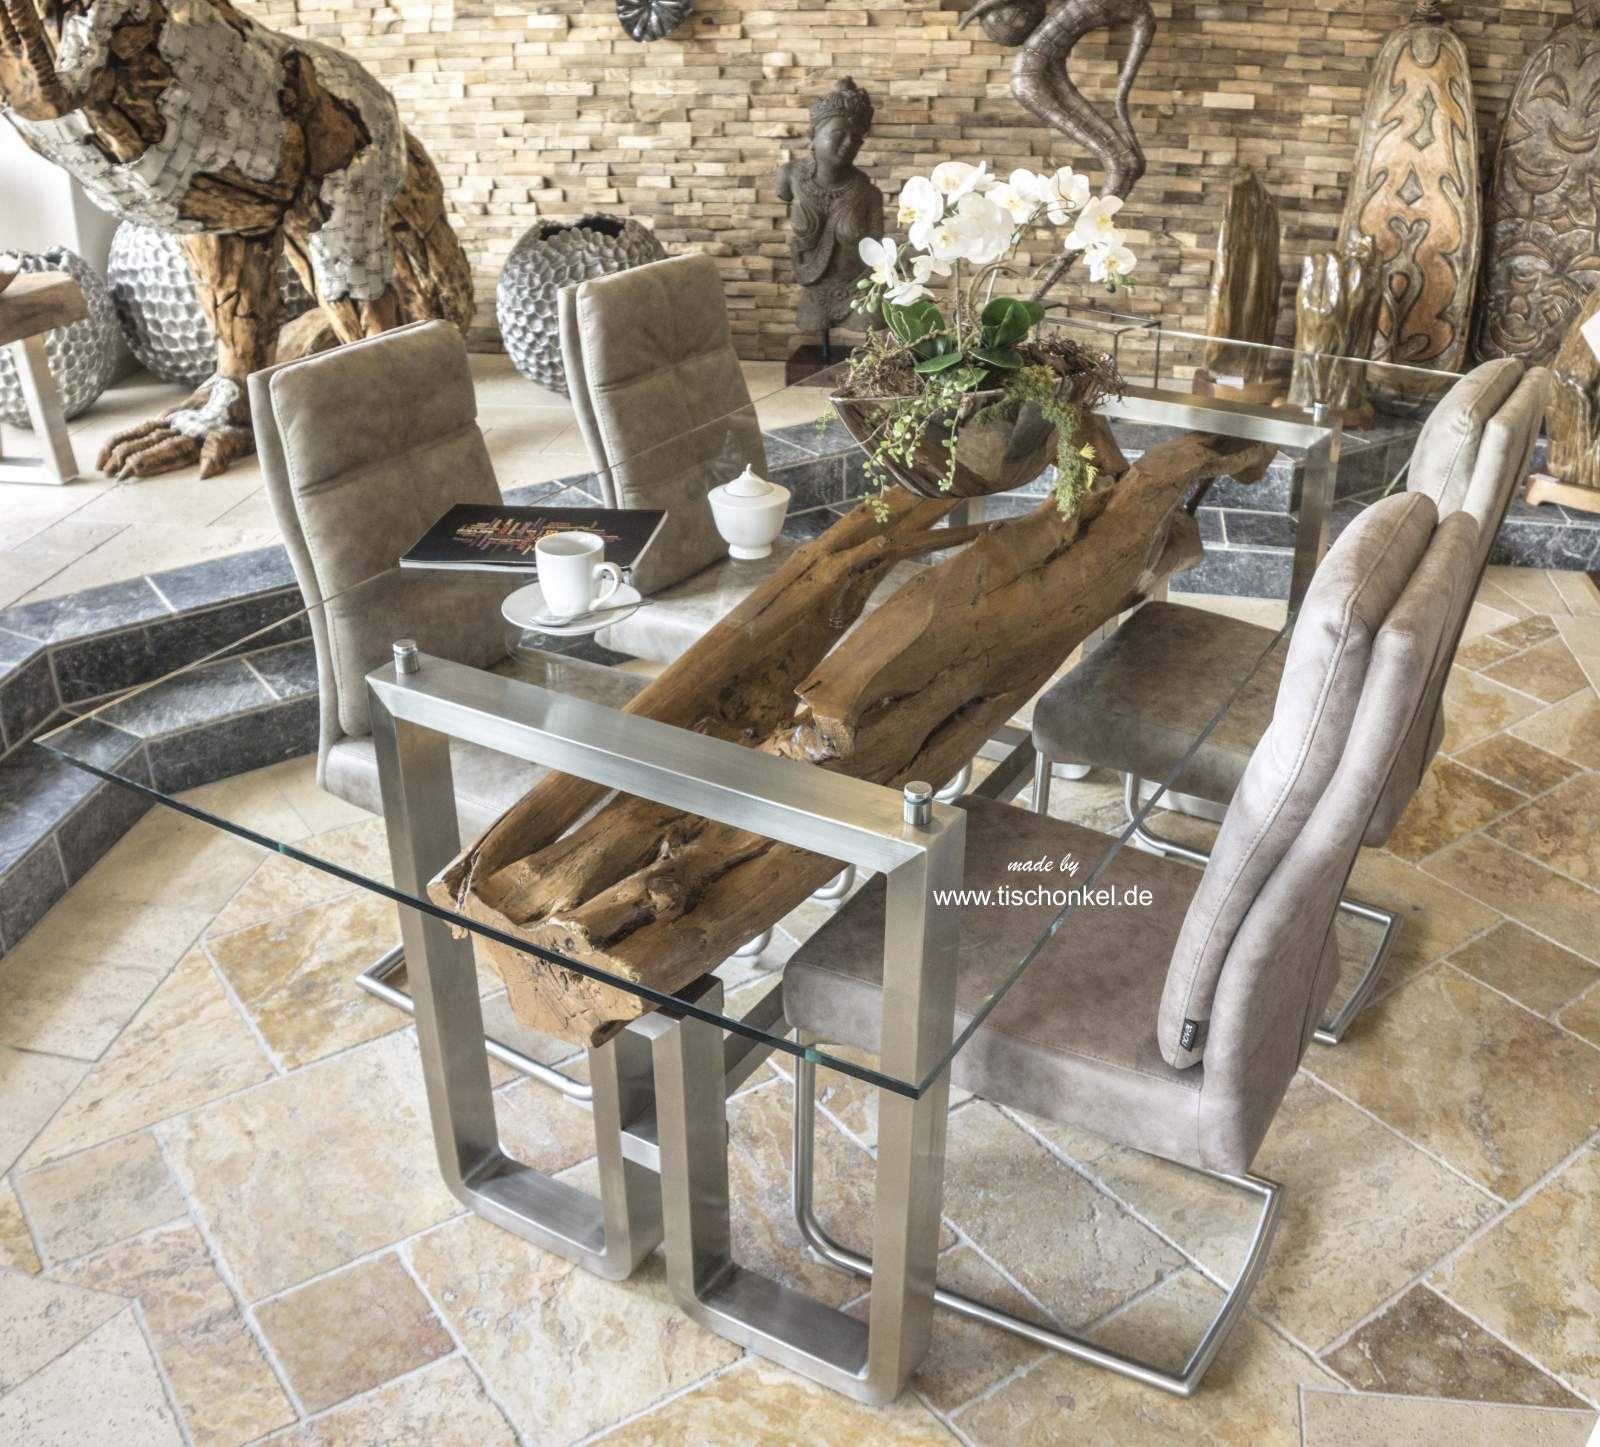 moderner esstisch aus holz und edelstahl der tischonkel. Black Bedroom Furniture Sets. Home Design Ideas